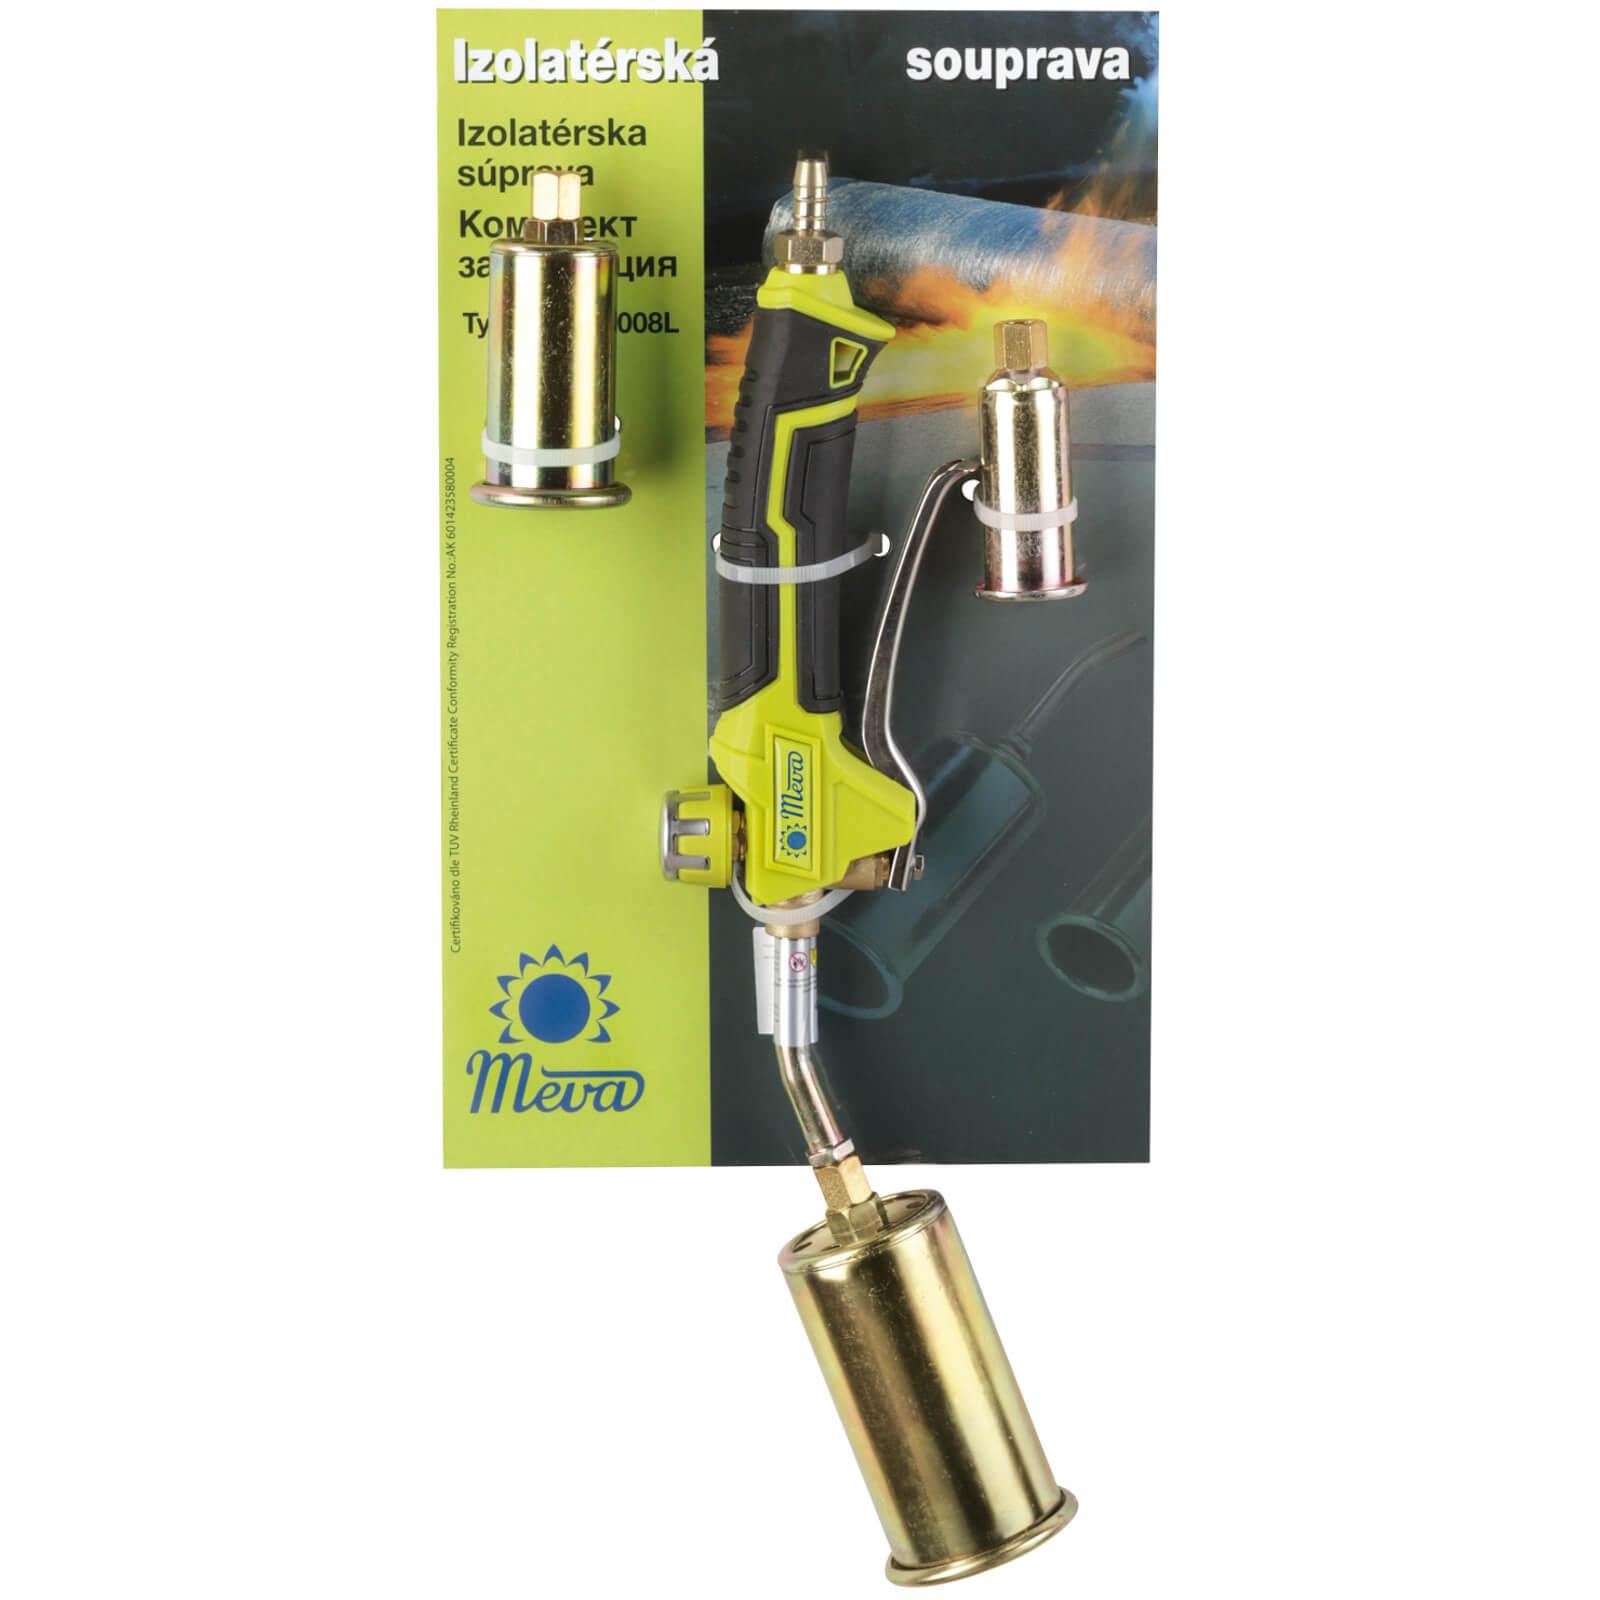 MEVA Izolatérská souprava Propan-butan 3,7 - 28 kW UH008L izolatérský hořák s regulací